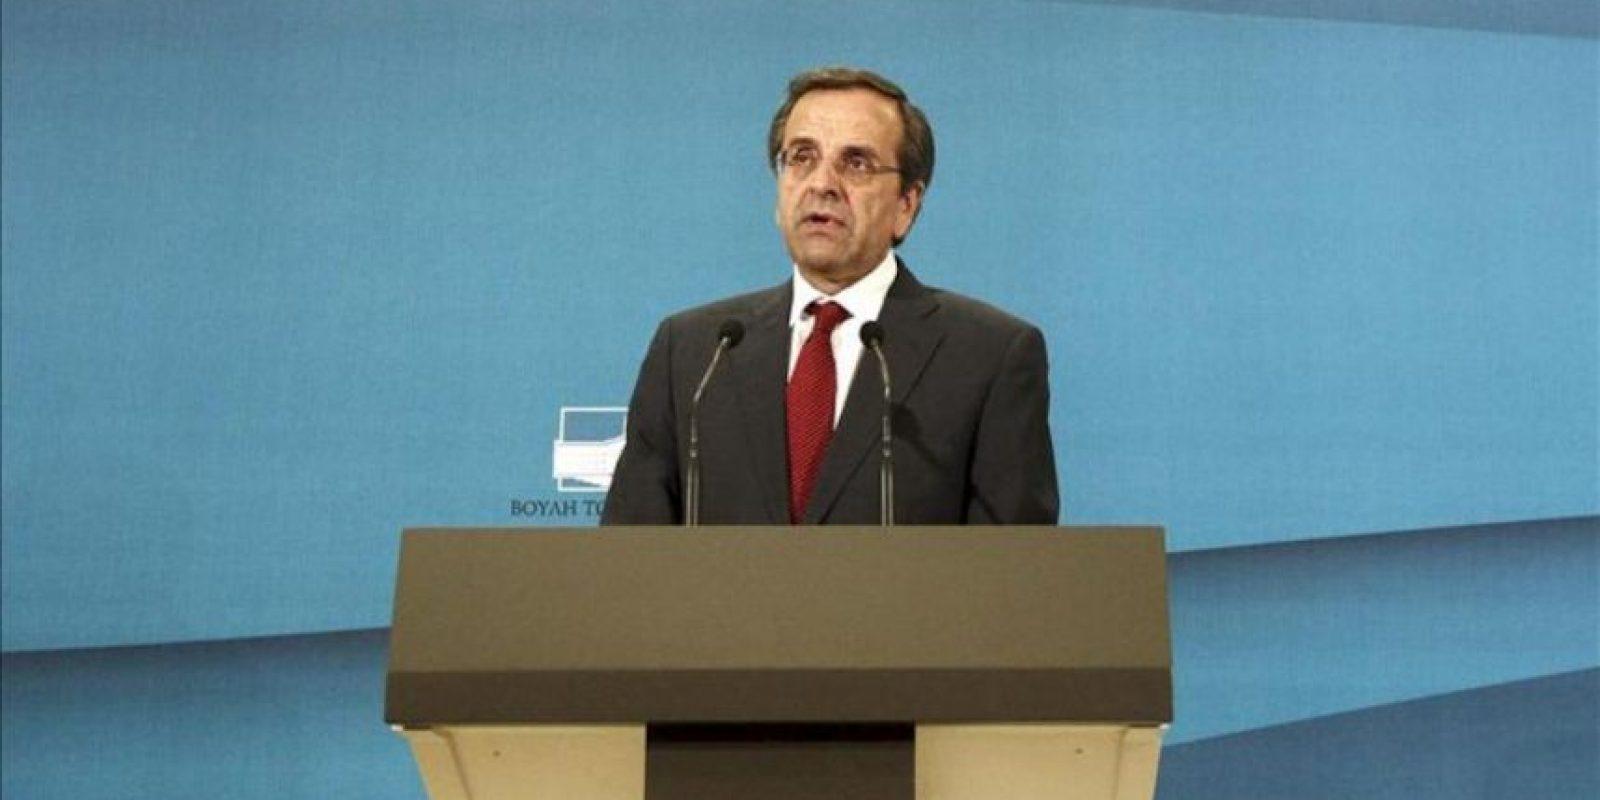 El líder de la conservadora Nueva Democracia, Andonis Samarás, comparece en una rueda de prensa en Atenas, Grecia. EFE